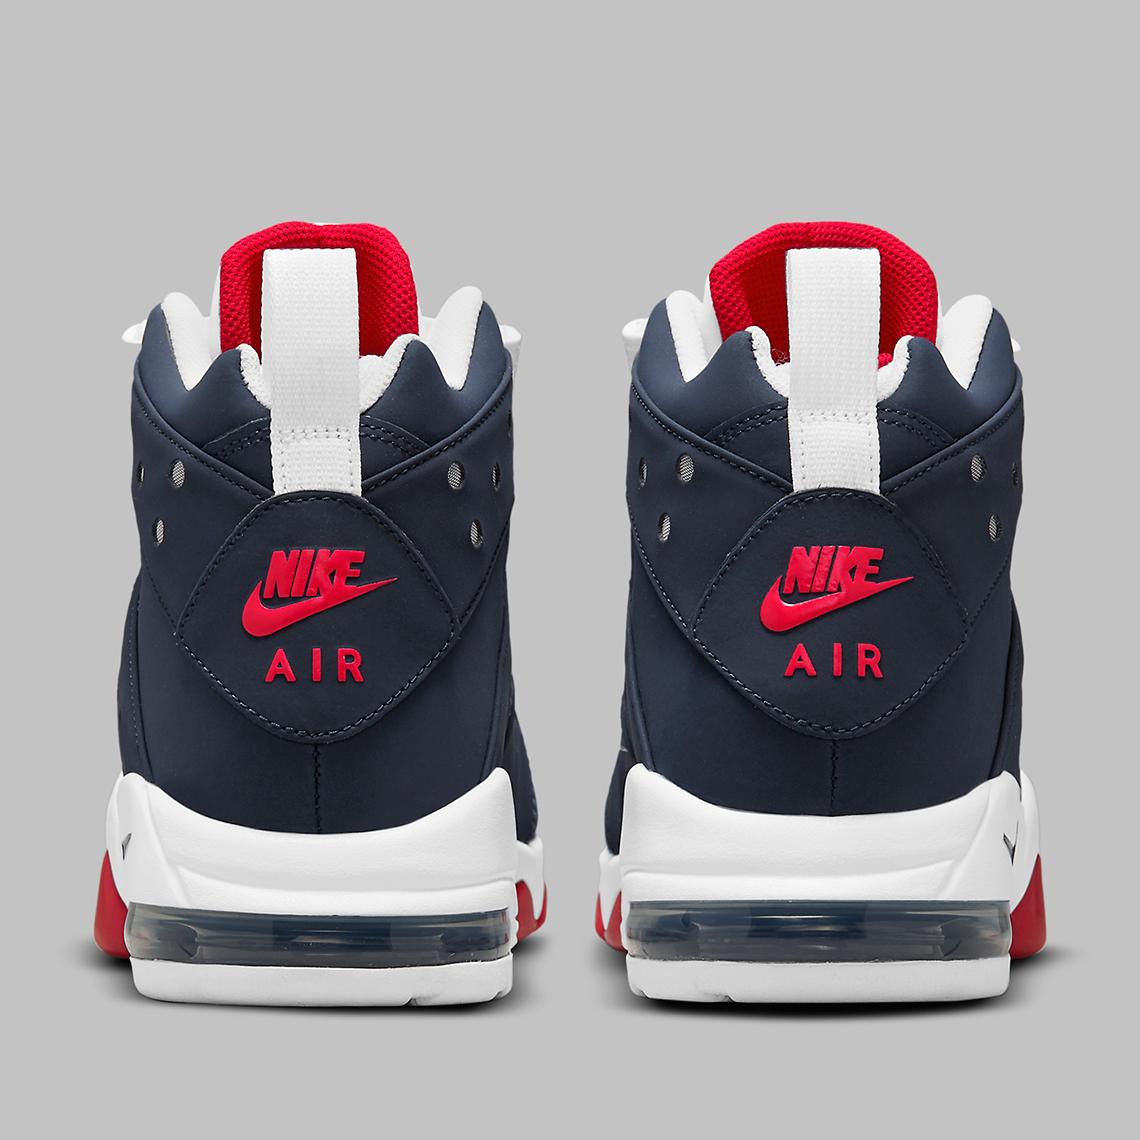 Nike Air Max CB '94 USA